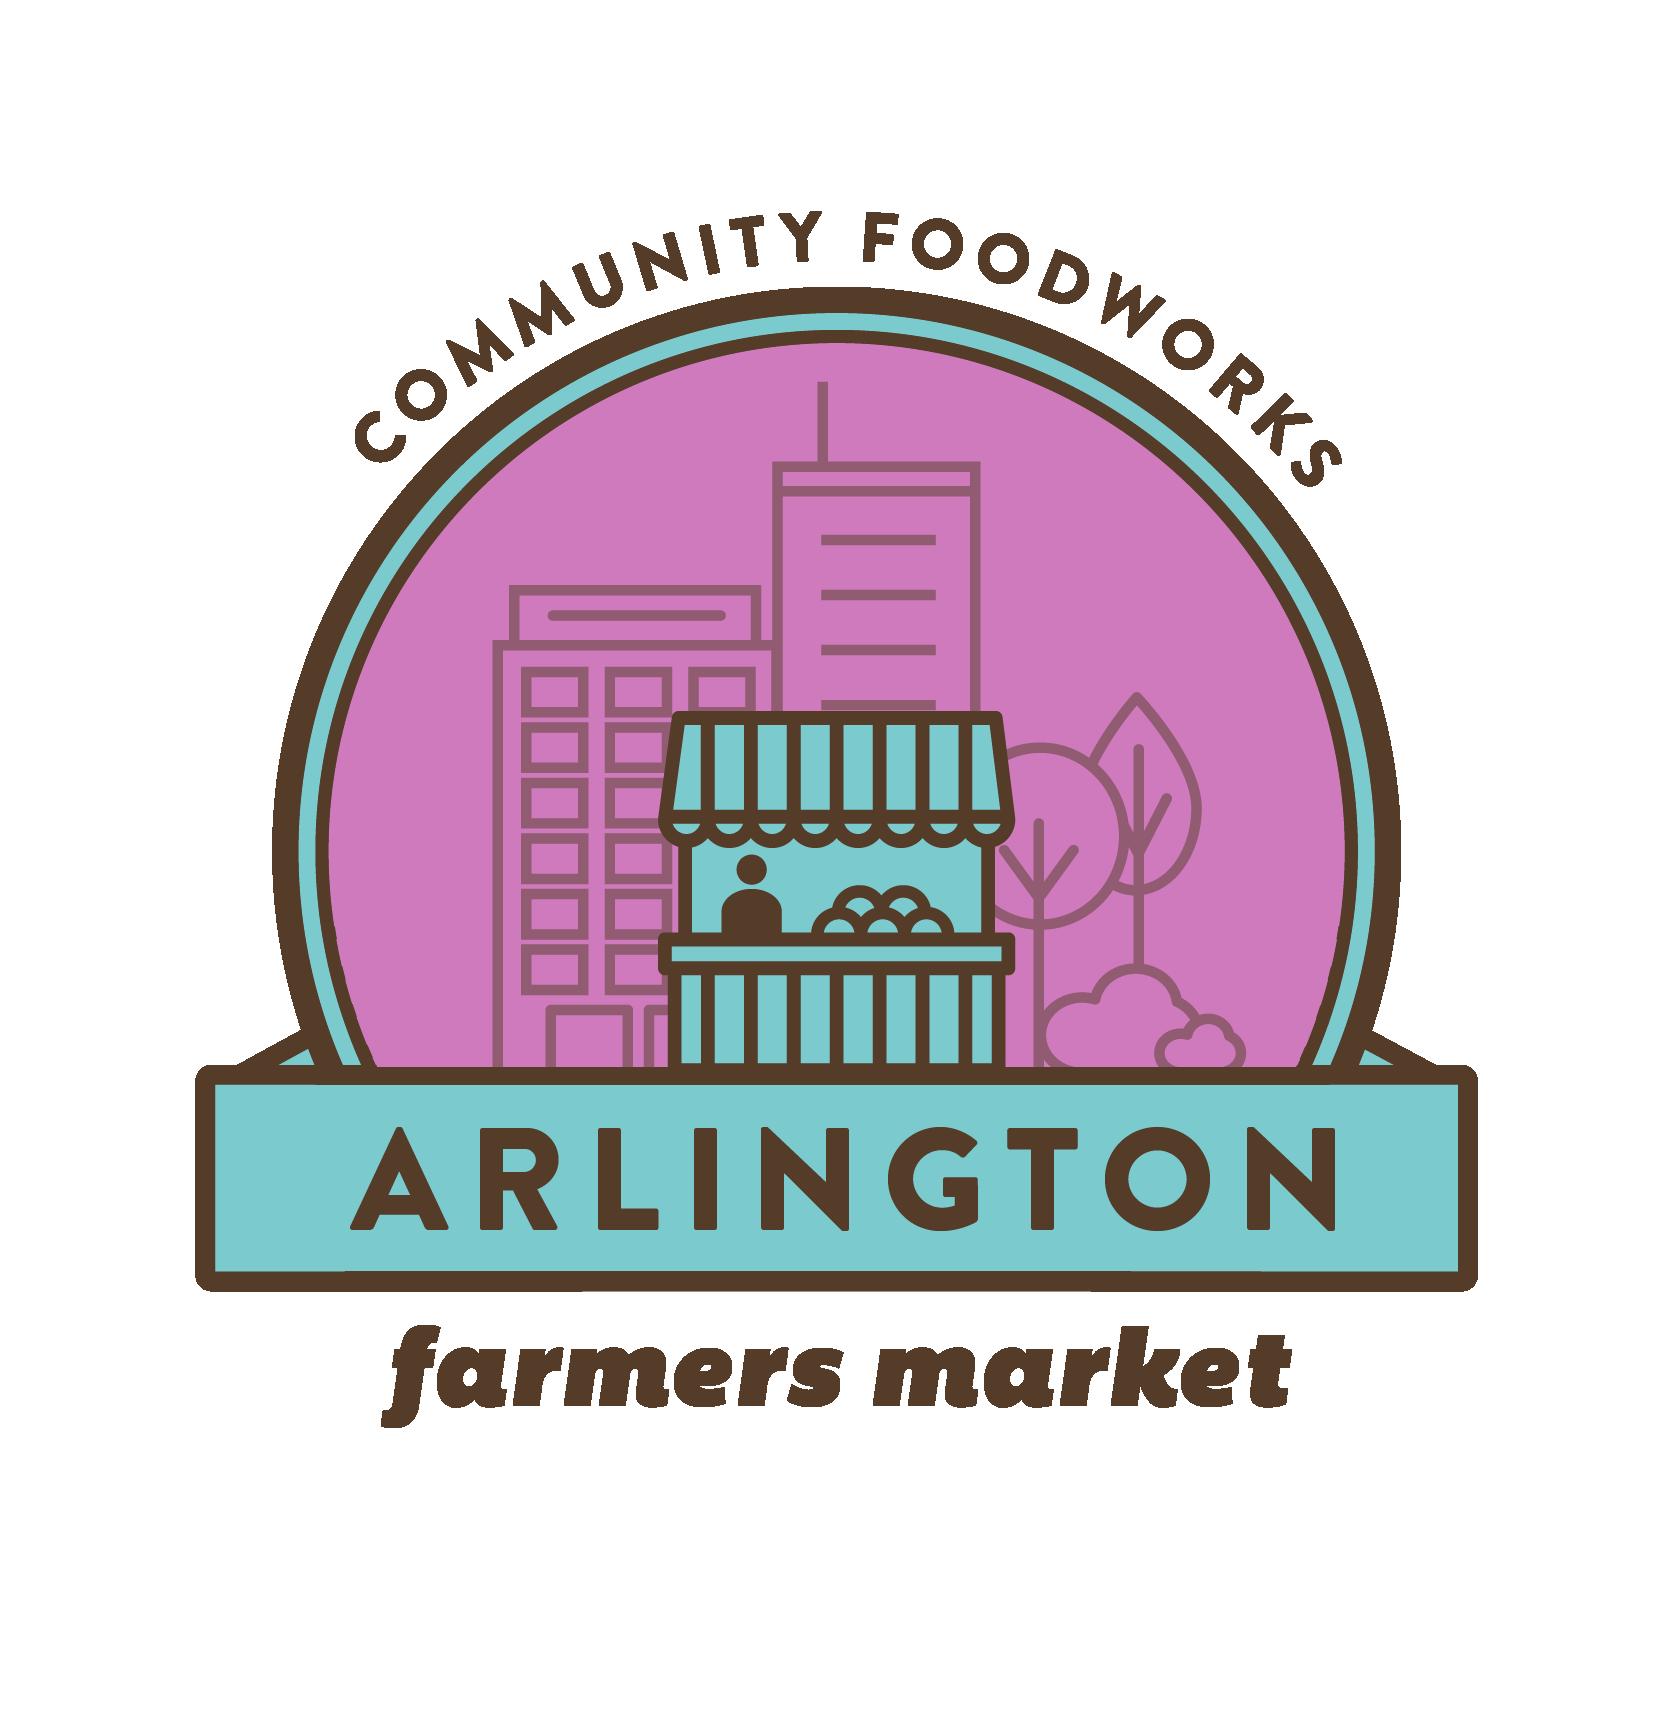 CFW_Farmers-Markets_Arlington.png